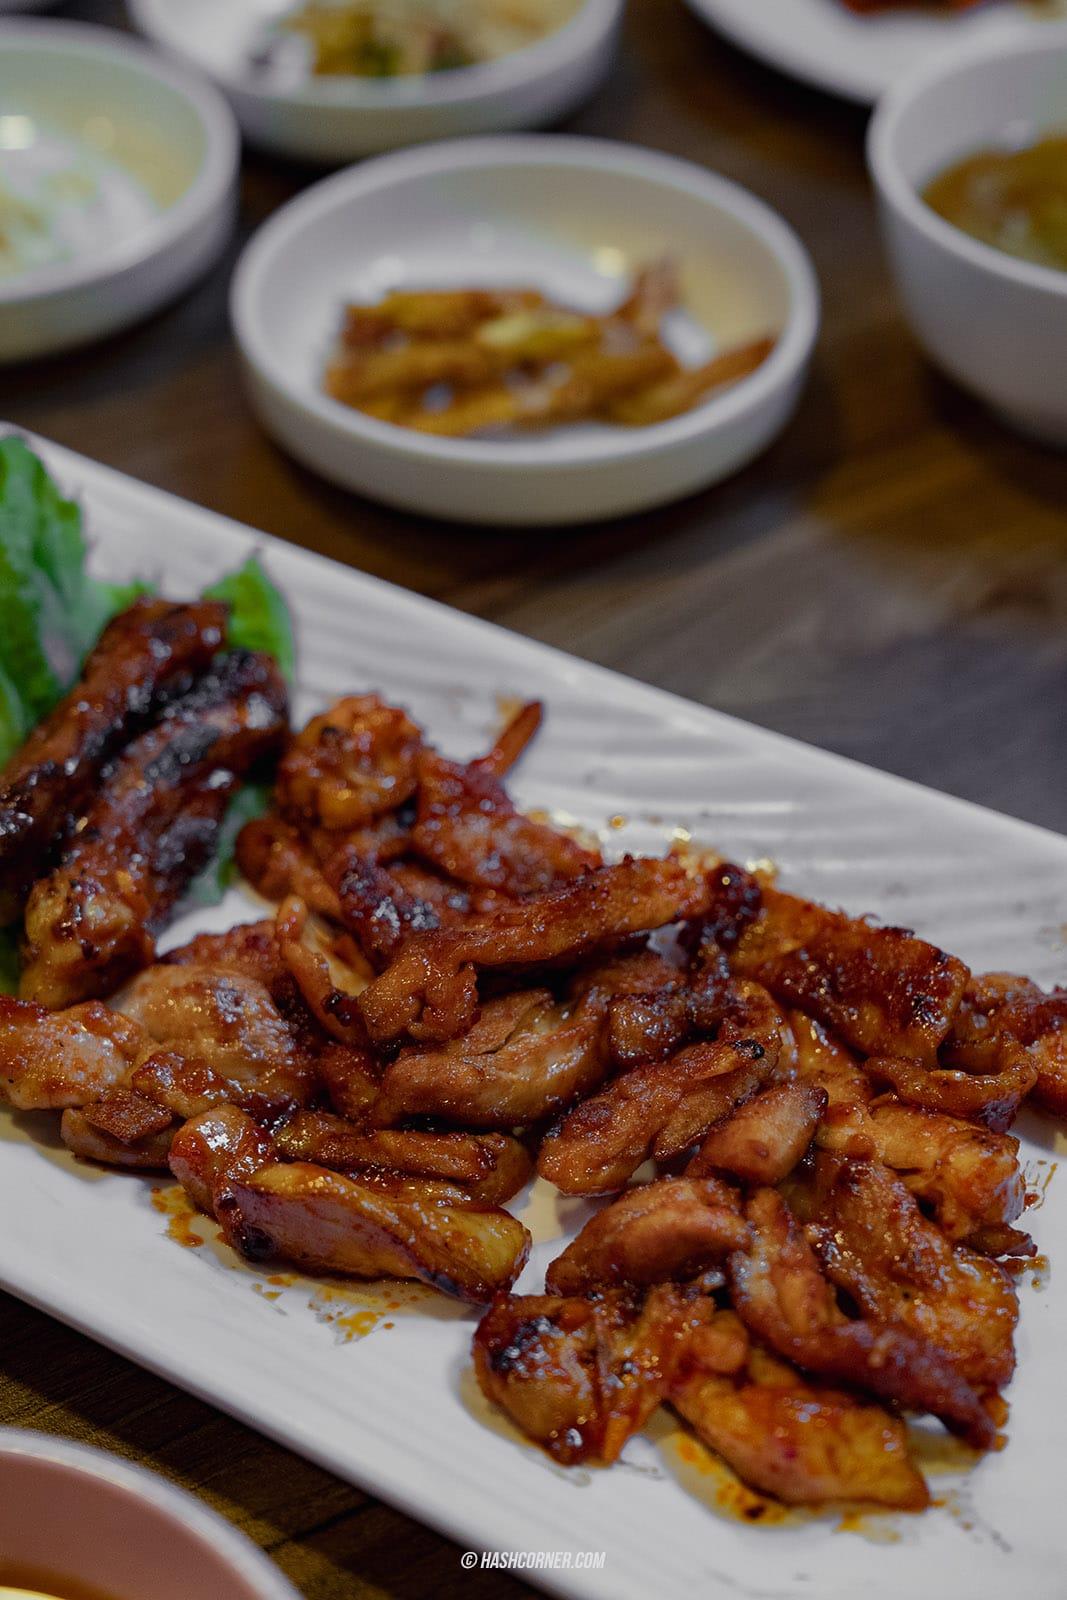 รีวิว 4 ร้านอาหารเกาหลี x กรุงเทพ เสมือนอยู่เกาหลี